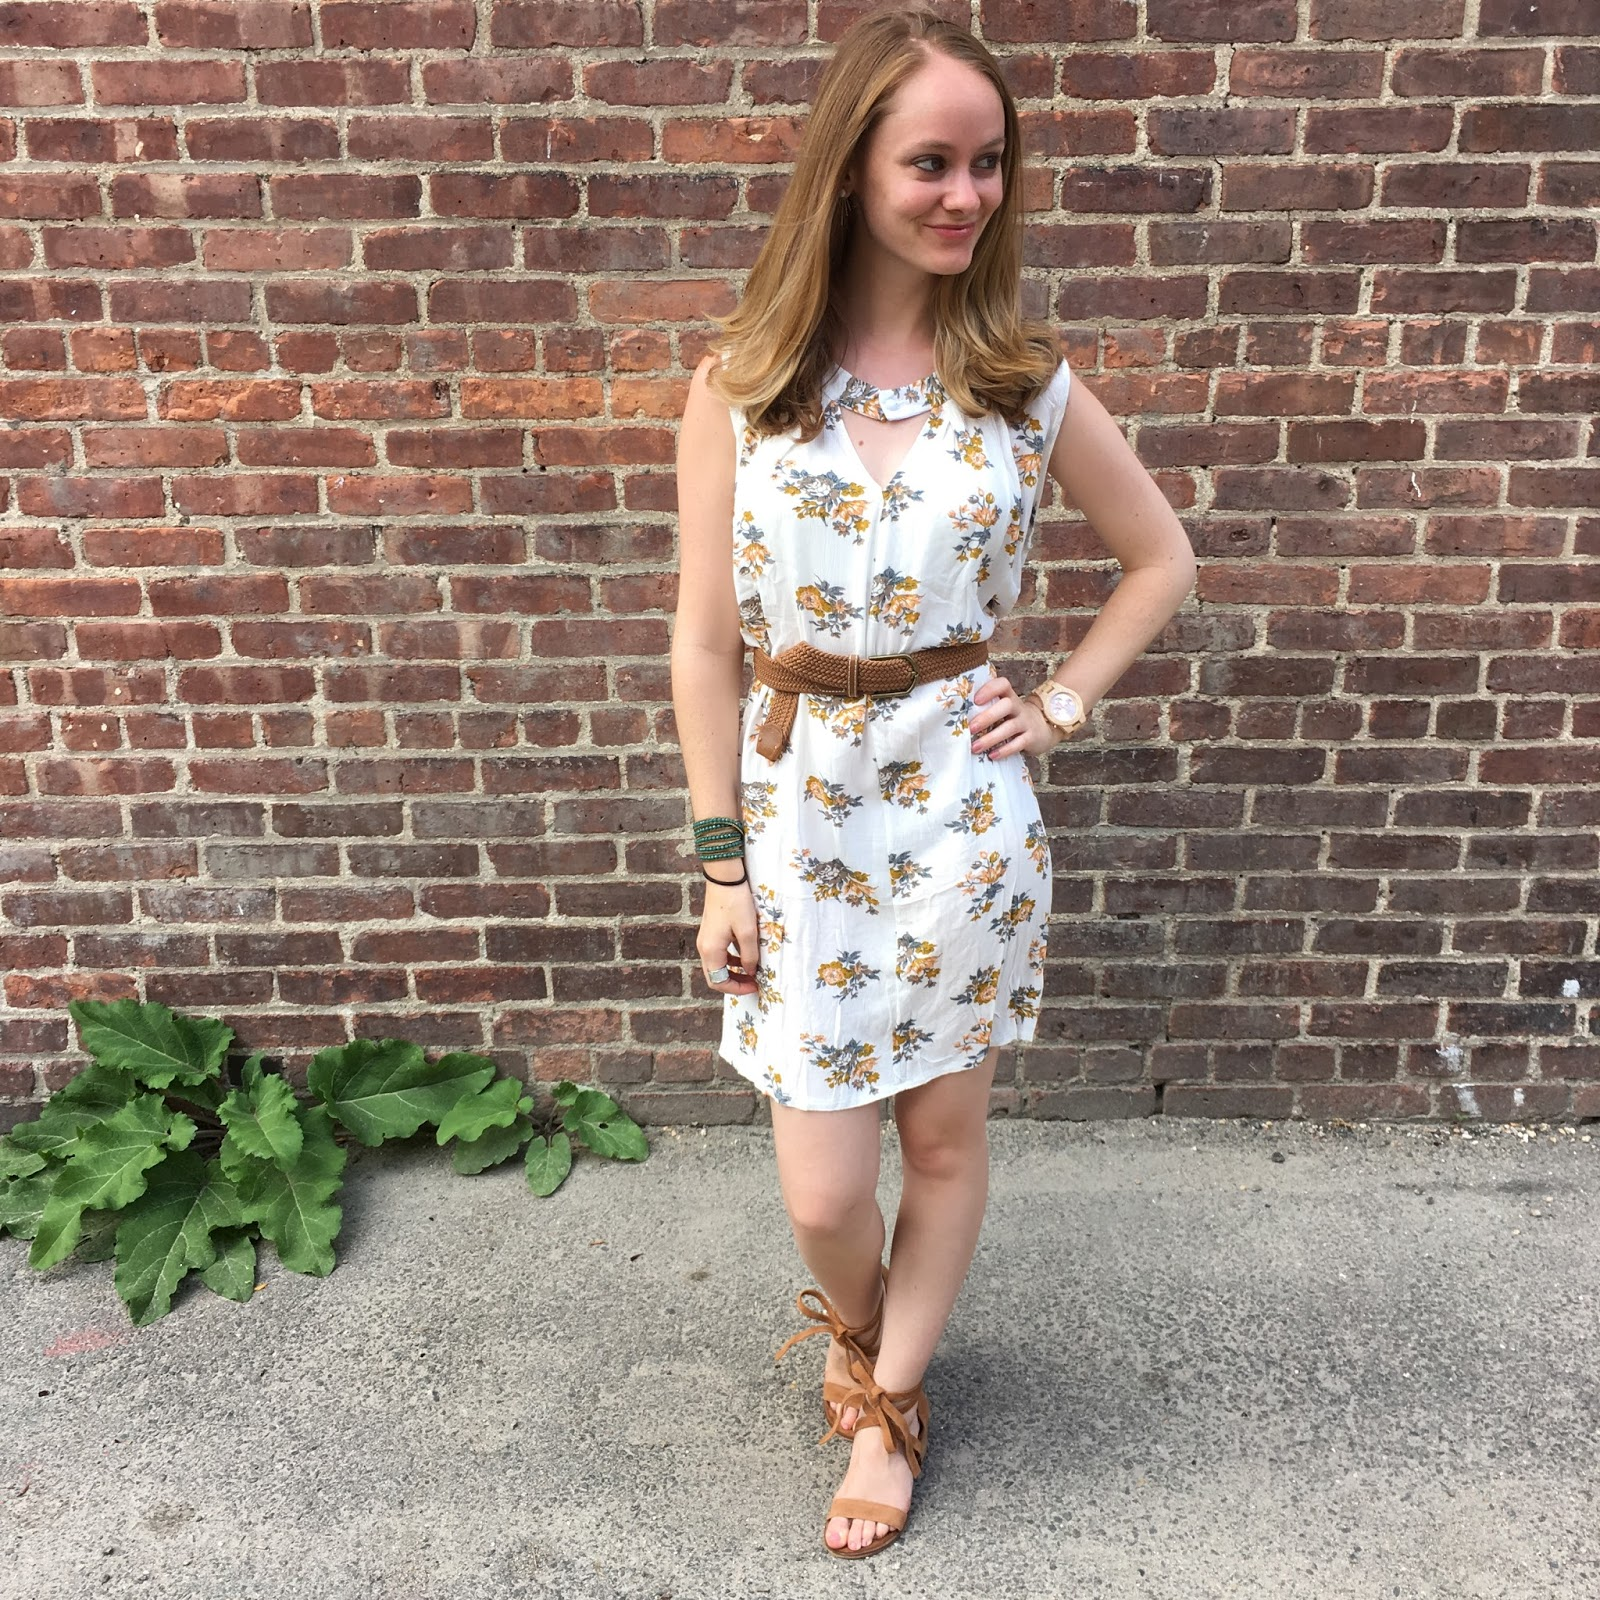 Floral Dresses Under $20